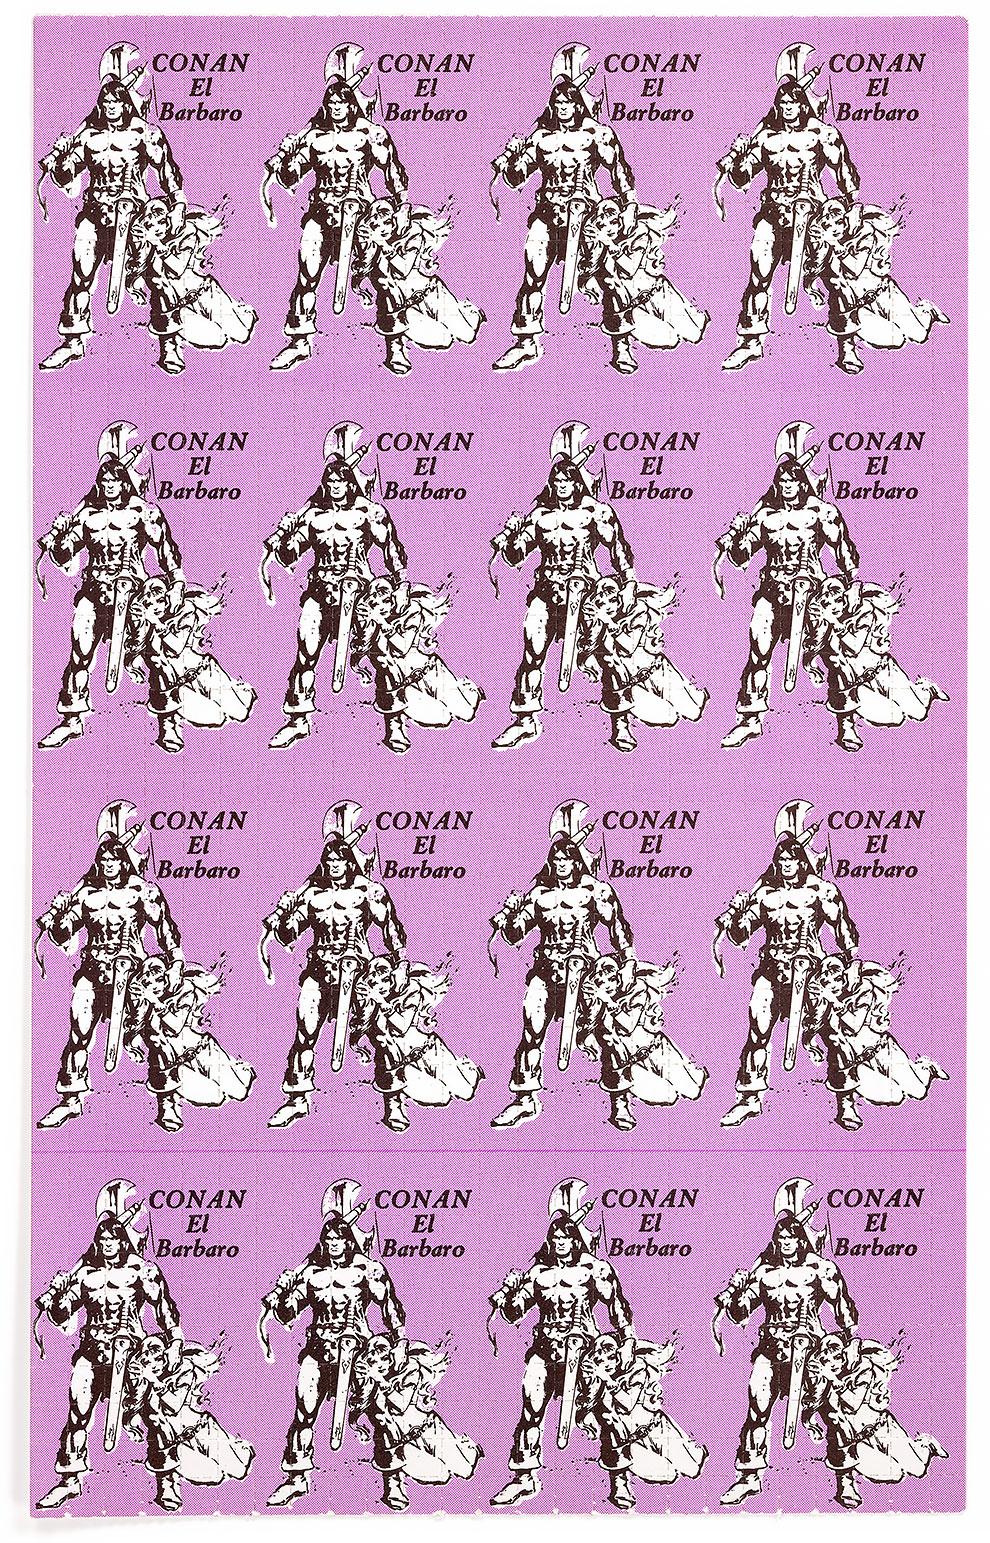 גלויות אסיד LSD קונאן הברברי